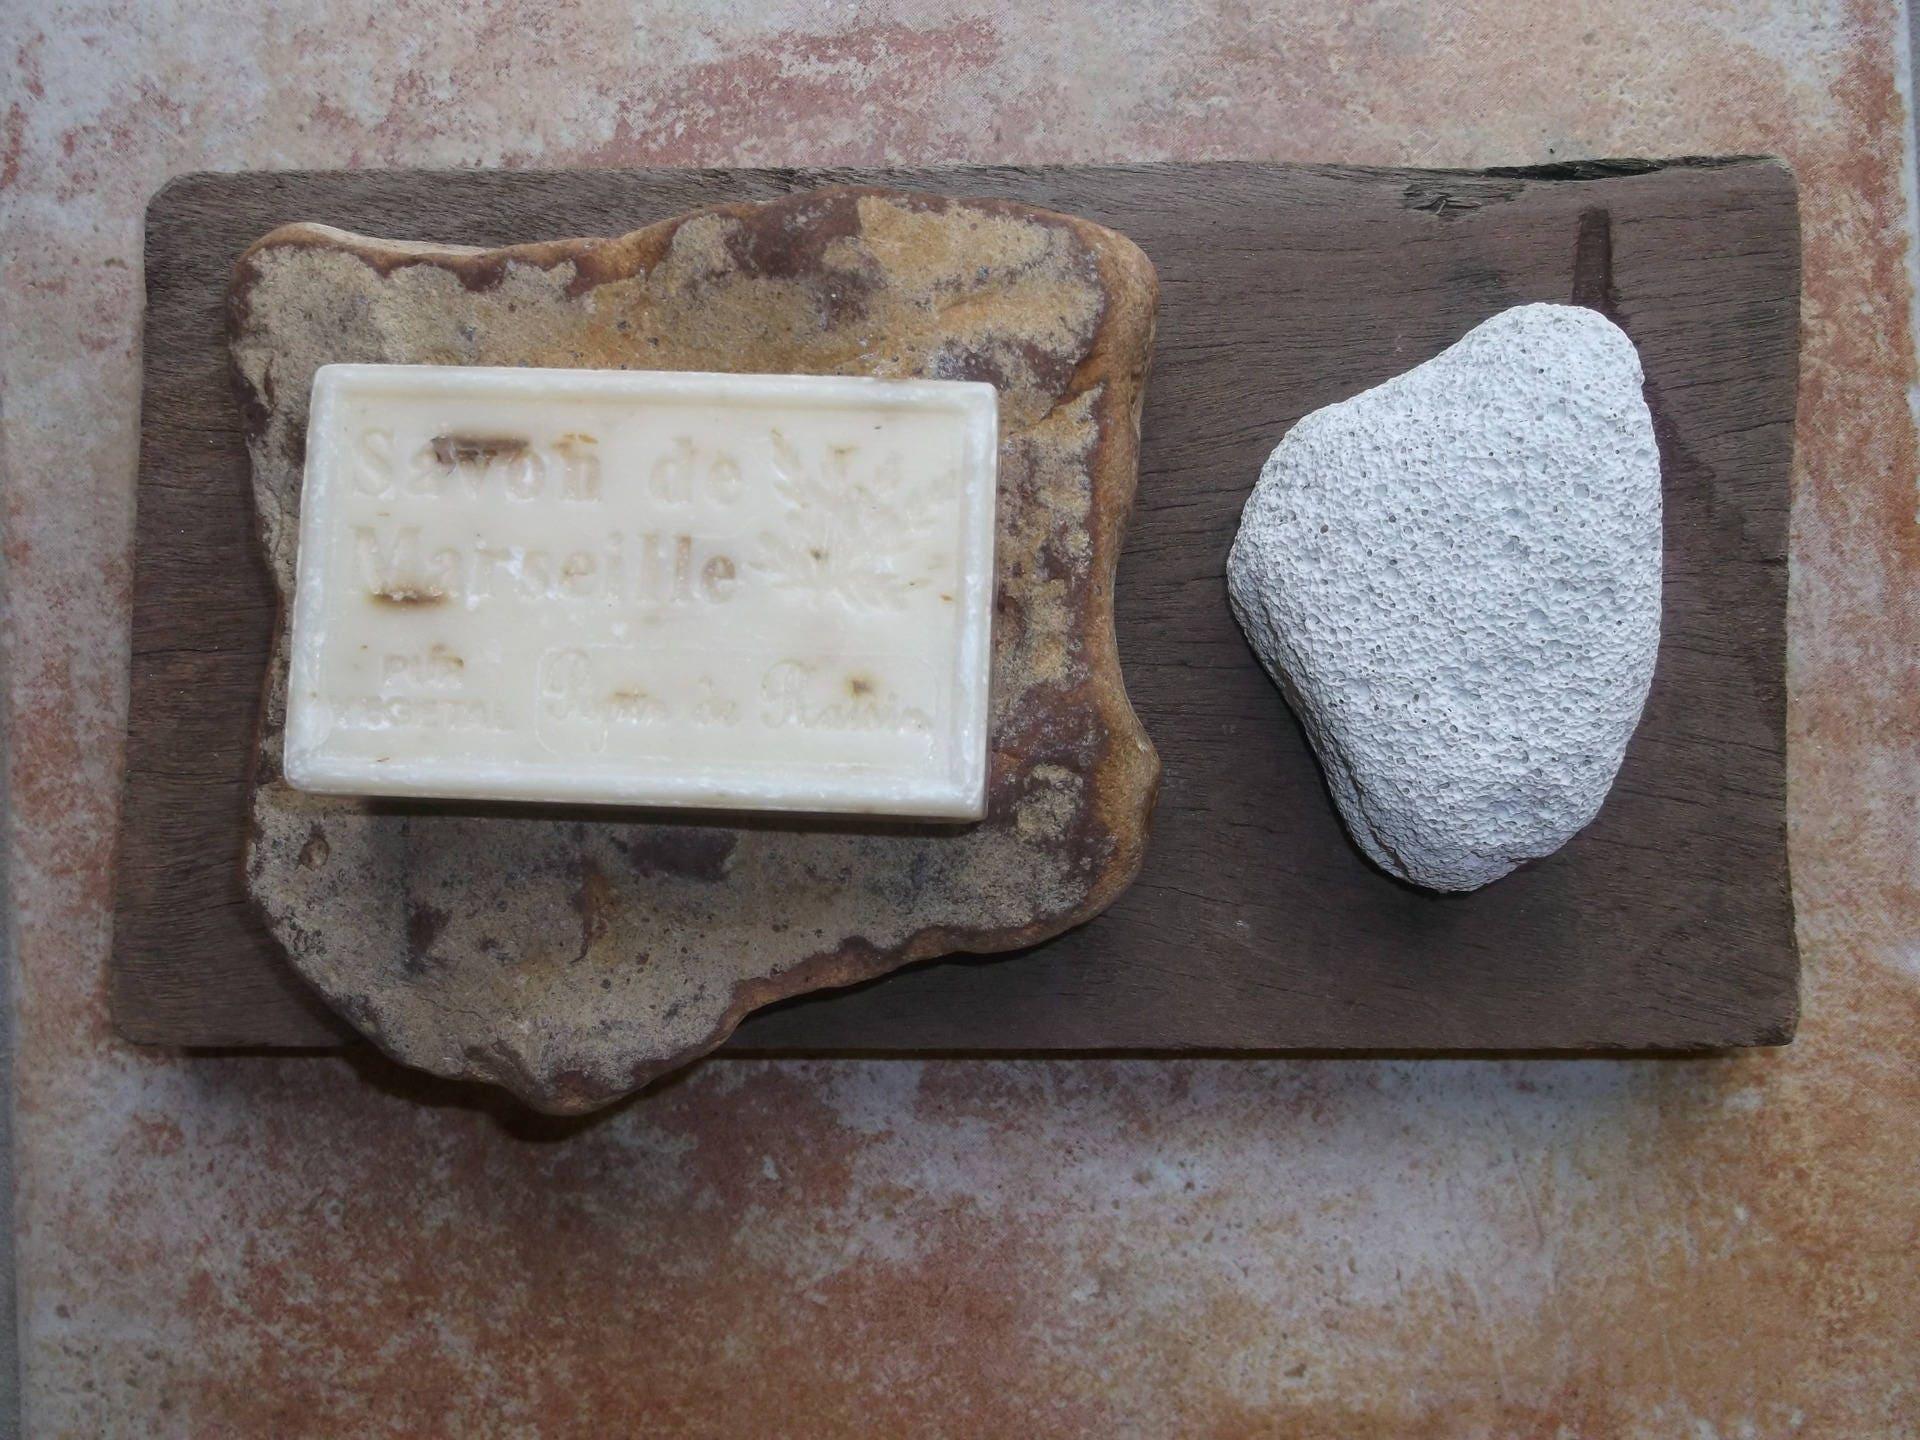 Porte savon bois flott pierre ponce naturelle et galet for Traitement bois flotte